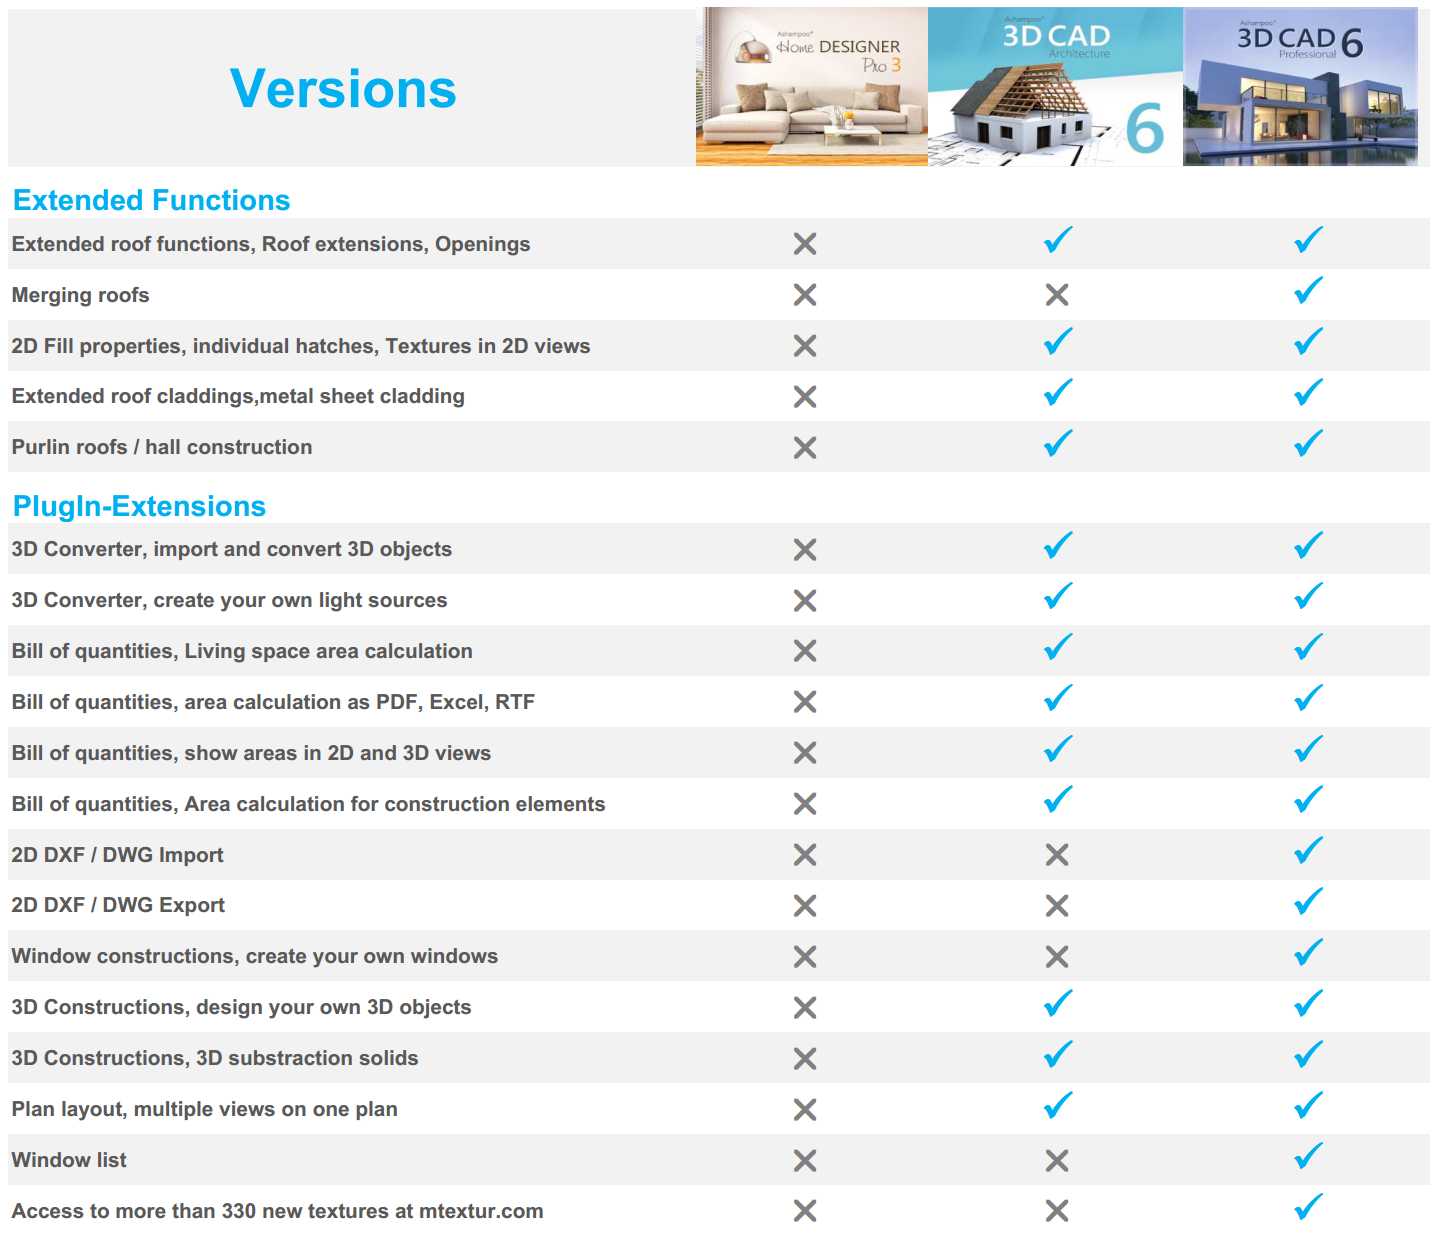 amazon com ashampoo 3d cad professional 6 download software